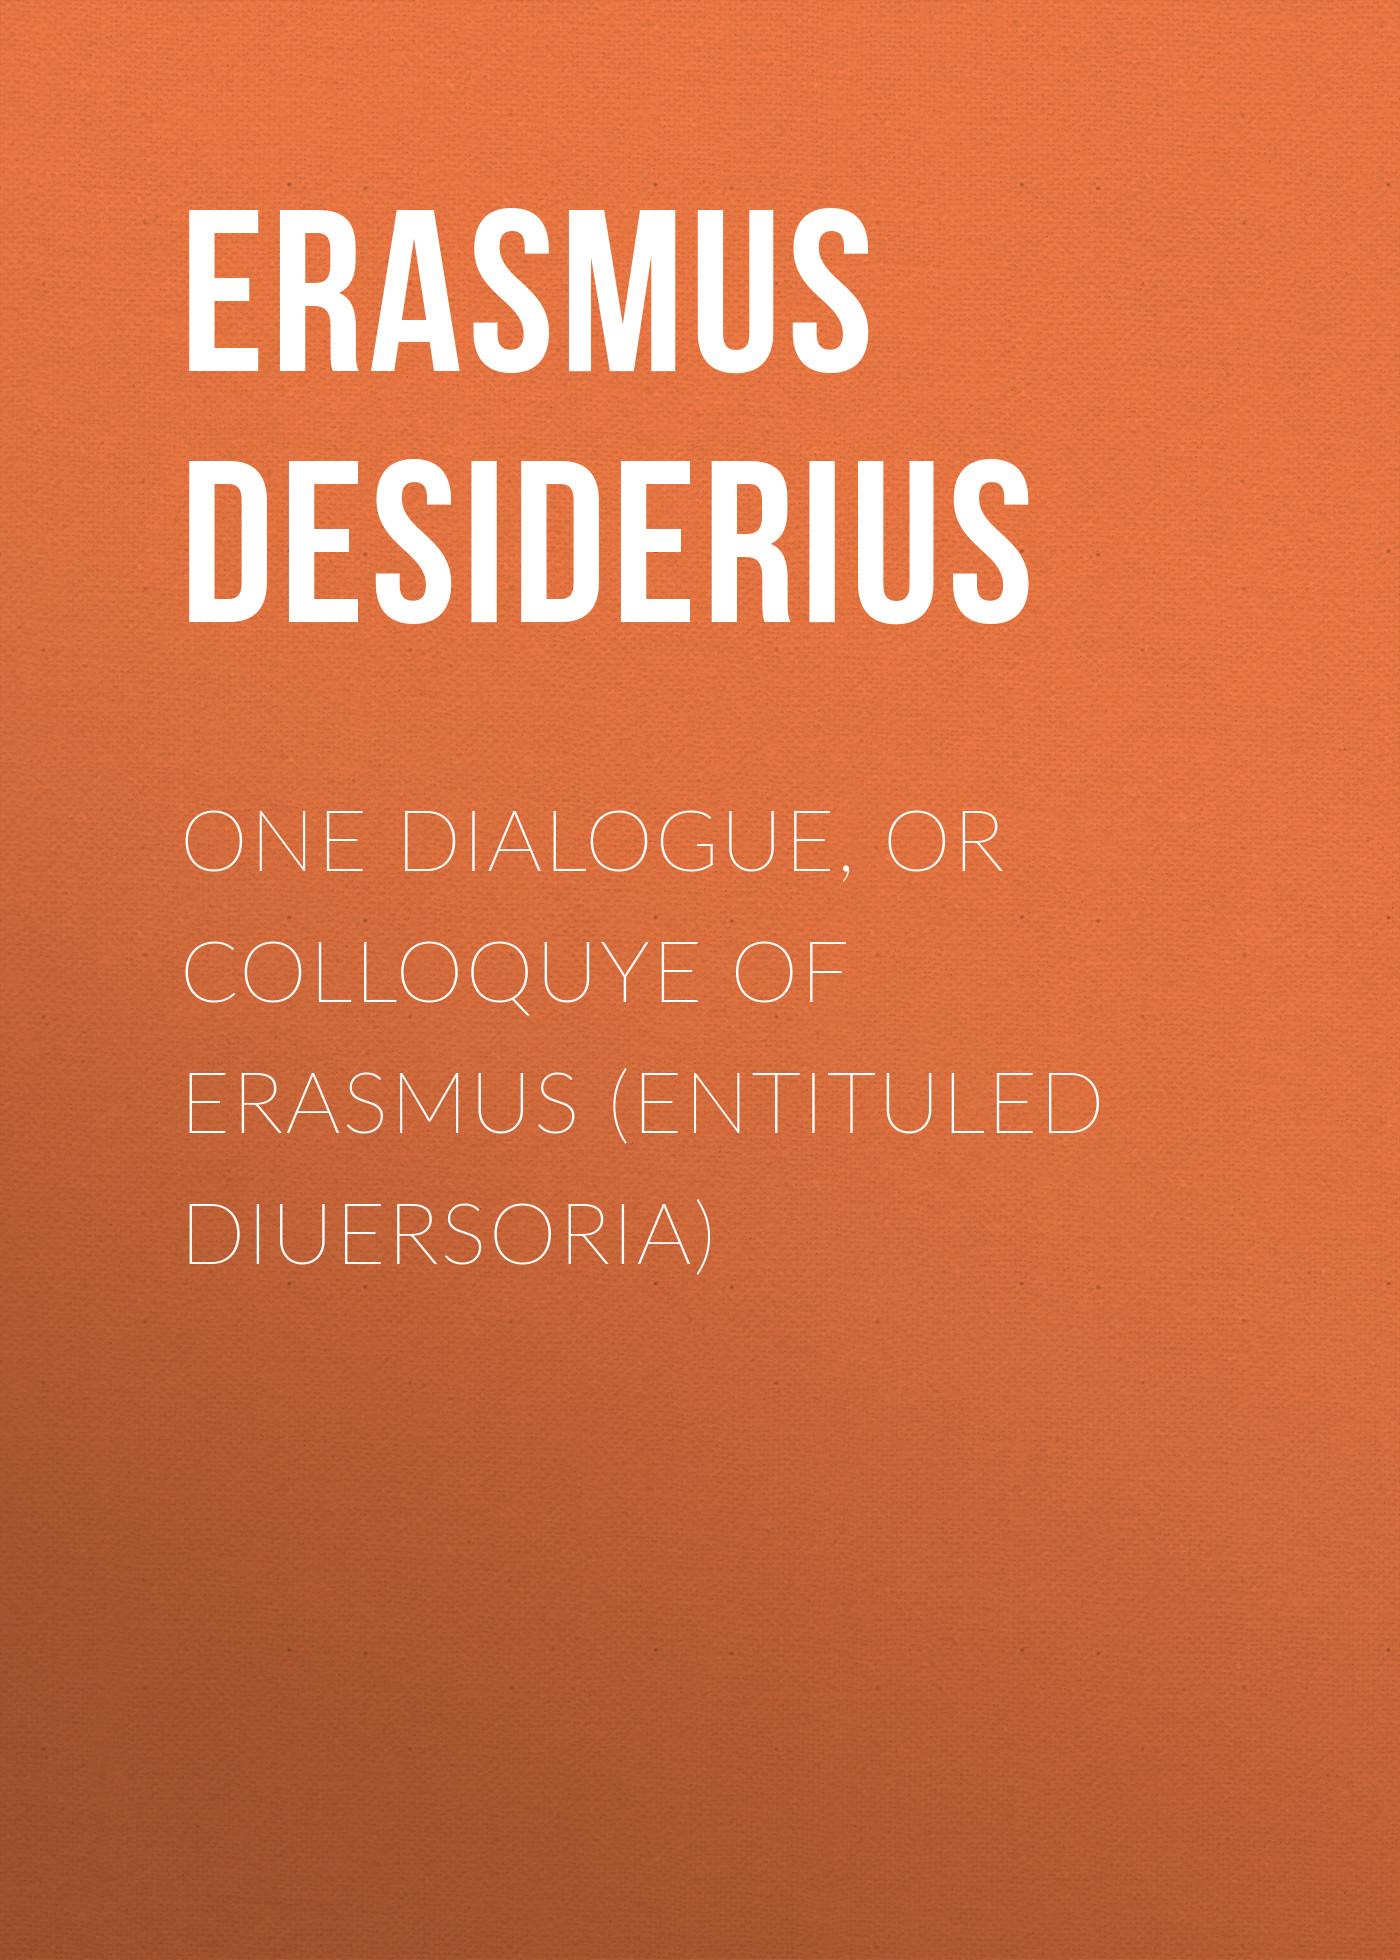 Erasmus Desiderius One dialogue, or Colloquye of Erasmus (entituled Diuersoria)